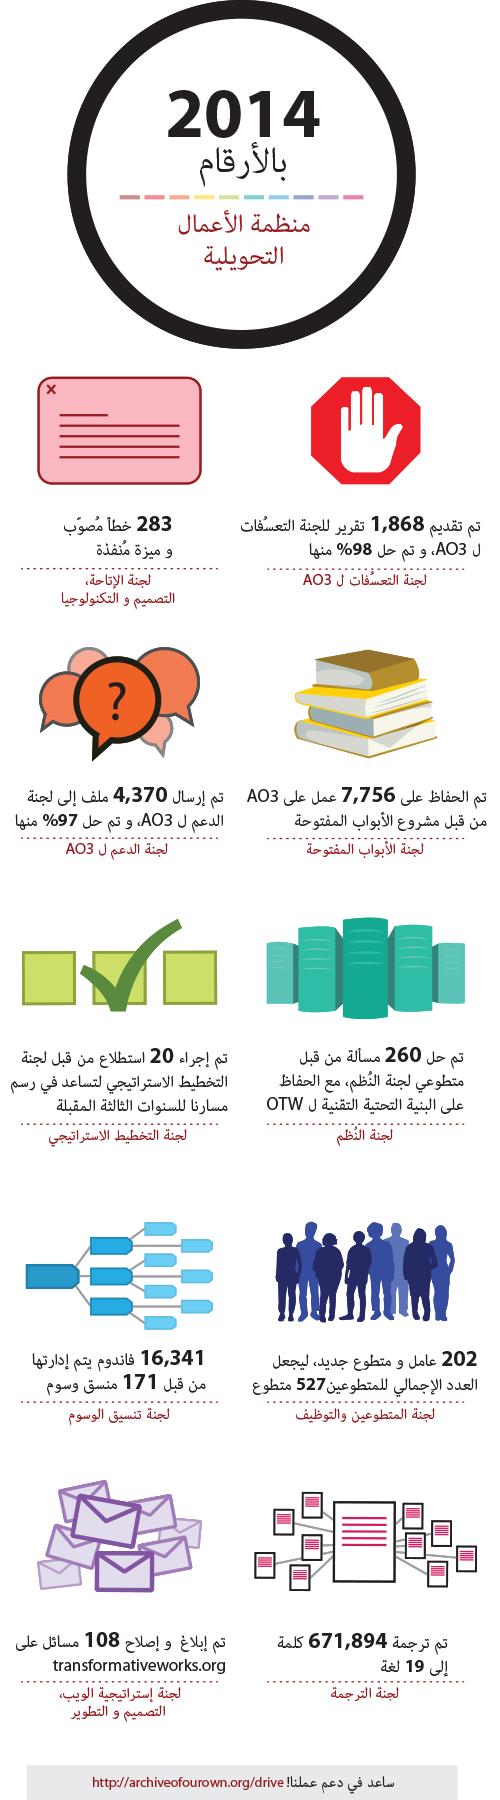 2014 بالأرقام. منظمة الأعمال التحويلية. لجنة الإتاحة، التصميم و التكنولوجيا. 283 خطأ مُصوّب و ميزة مُنفذة . لجنة الإتاحة، التصميم و التكنولوجيا. تم تقديم 1,868 تقرير للجنة التعسُفات ل AO3، و تم حل 98% منها. لجنة التعسُفات ل AO3. تم إرسال 4,370 ملف إلى لجنة الدعم ل AO3، و تم حل 97% منها. لجنة الدعم ل AO3. تم الحفاظ على 7,756 عمل على AO3 من قبل مشروع الأبواب المفتوحة. لجنة الأبواب المفتوحة. تم إجراء 20 استطلاع من قبل لجنة التخطيط الاستراتيجي لتساعد في رسم مسارنا للسنوات الثالثة المقبلة. لجنة التخطيط الاستراتيجي. تم حل 260 مسألة من قبل متطوعي لجنة النُظم، مع الحفاظ على البنية التحتية التقنية ل OTW. لجنة النُظم. 16,341 فاندوم يتم إدارتهم من قبل 171 منسق وسوم. لجنة تنسيق الوسوم. 202 عامل و متطوع جديد، ليجعل العدد الإجمالي للمتطوعين527 متطوع. لجنة المتطوعين والتوظيف. تم إبلاغ  و إصلاح 108 مسائل على transformativeworks.org. لجنة إستراتيجية الويب، التصميم و التطوير. تم ترجمة 671,894 كلمة إلى 19 لغة. لجنة الترجمة. ساعد في دعم عملنا!. transformativeworks.org/donate